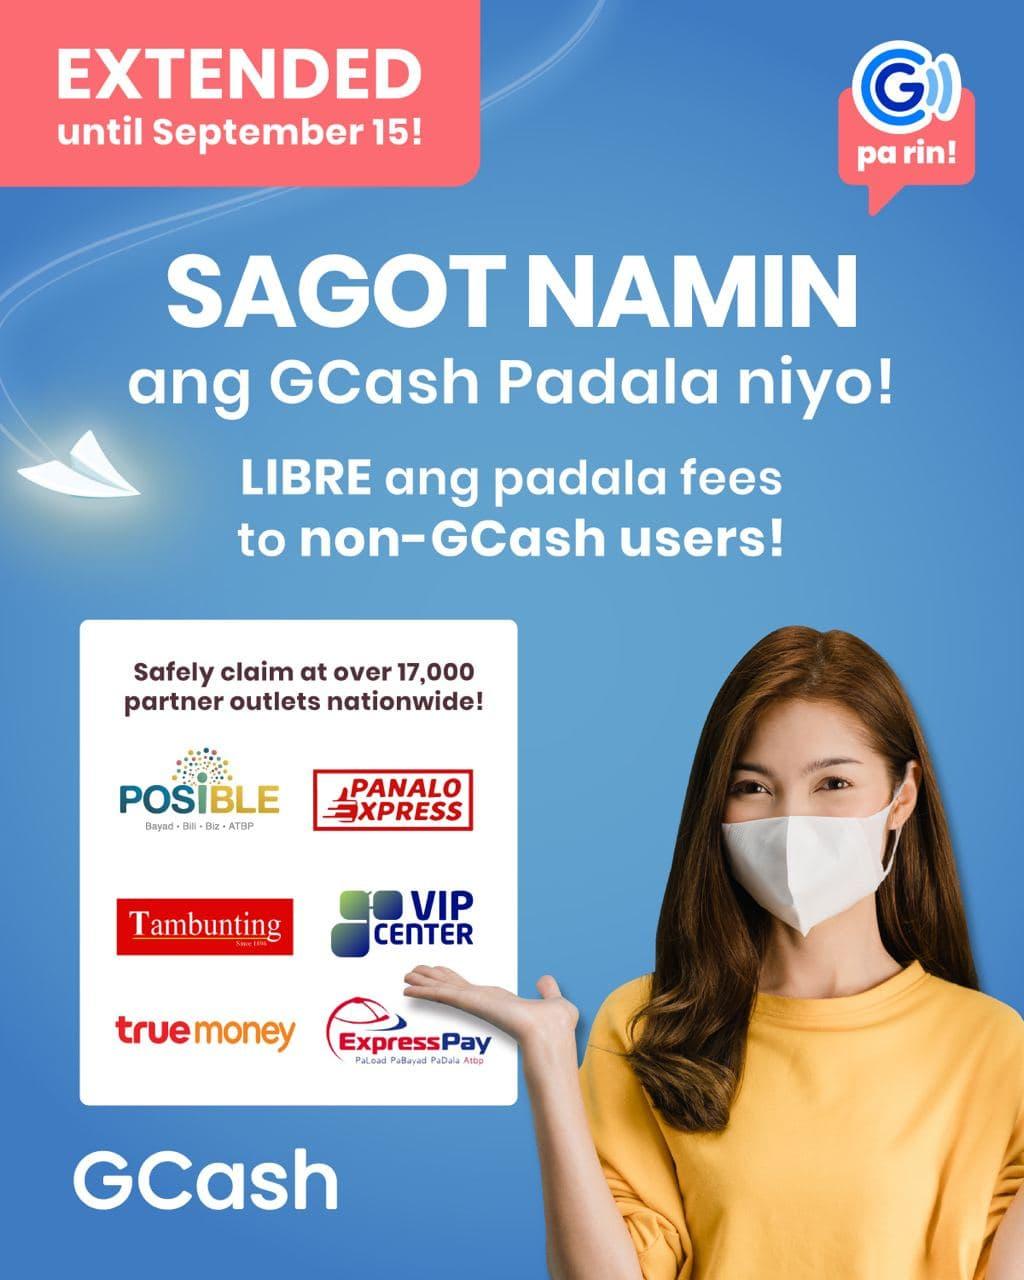 Magpadala for FREE  sa GCash Padala until September 15